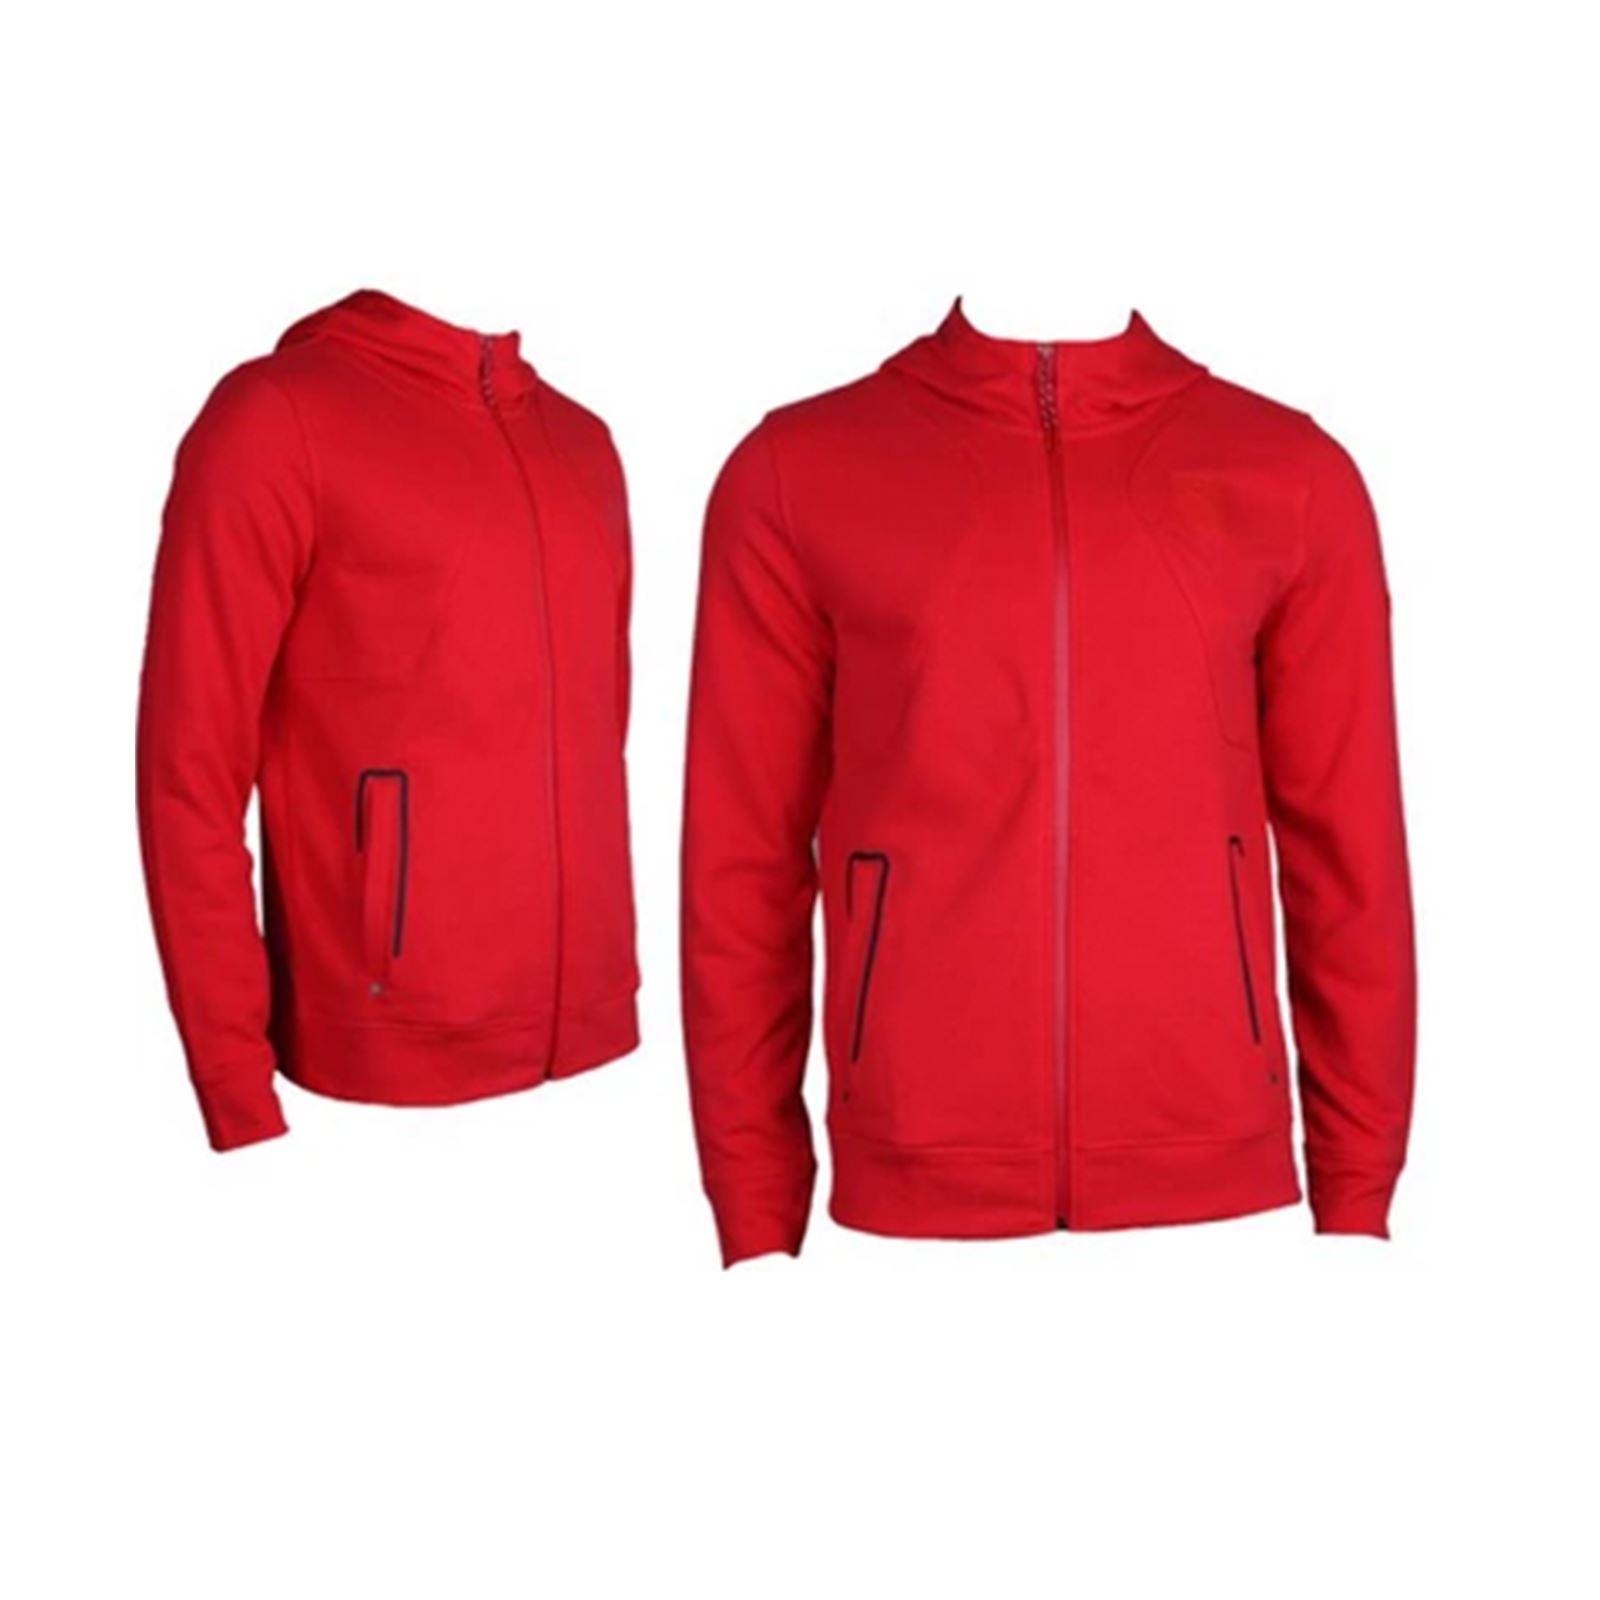 Puma-Ferrari-Sweat-Veste-en-rouge-566628-02 miniature 4